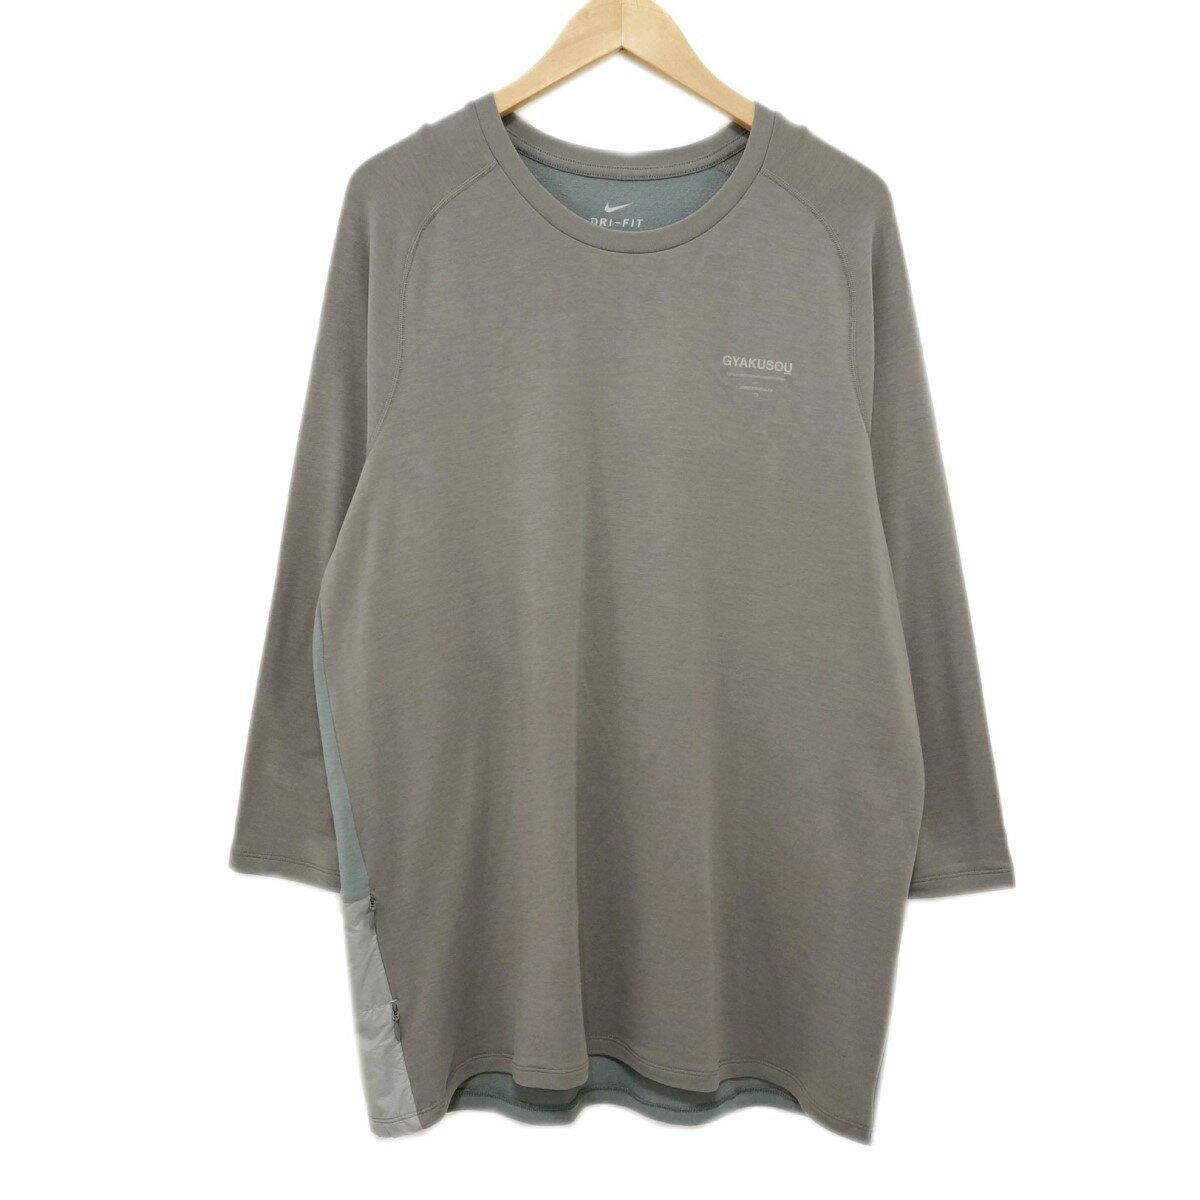 トップス, Tシャツ・カットソー GYAKUSOU LONG SLEEVE DRI-FIT AH1164-062 L 200220